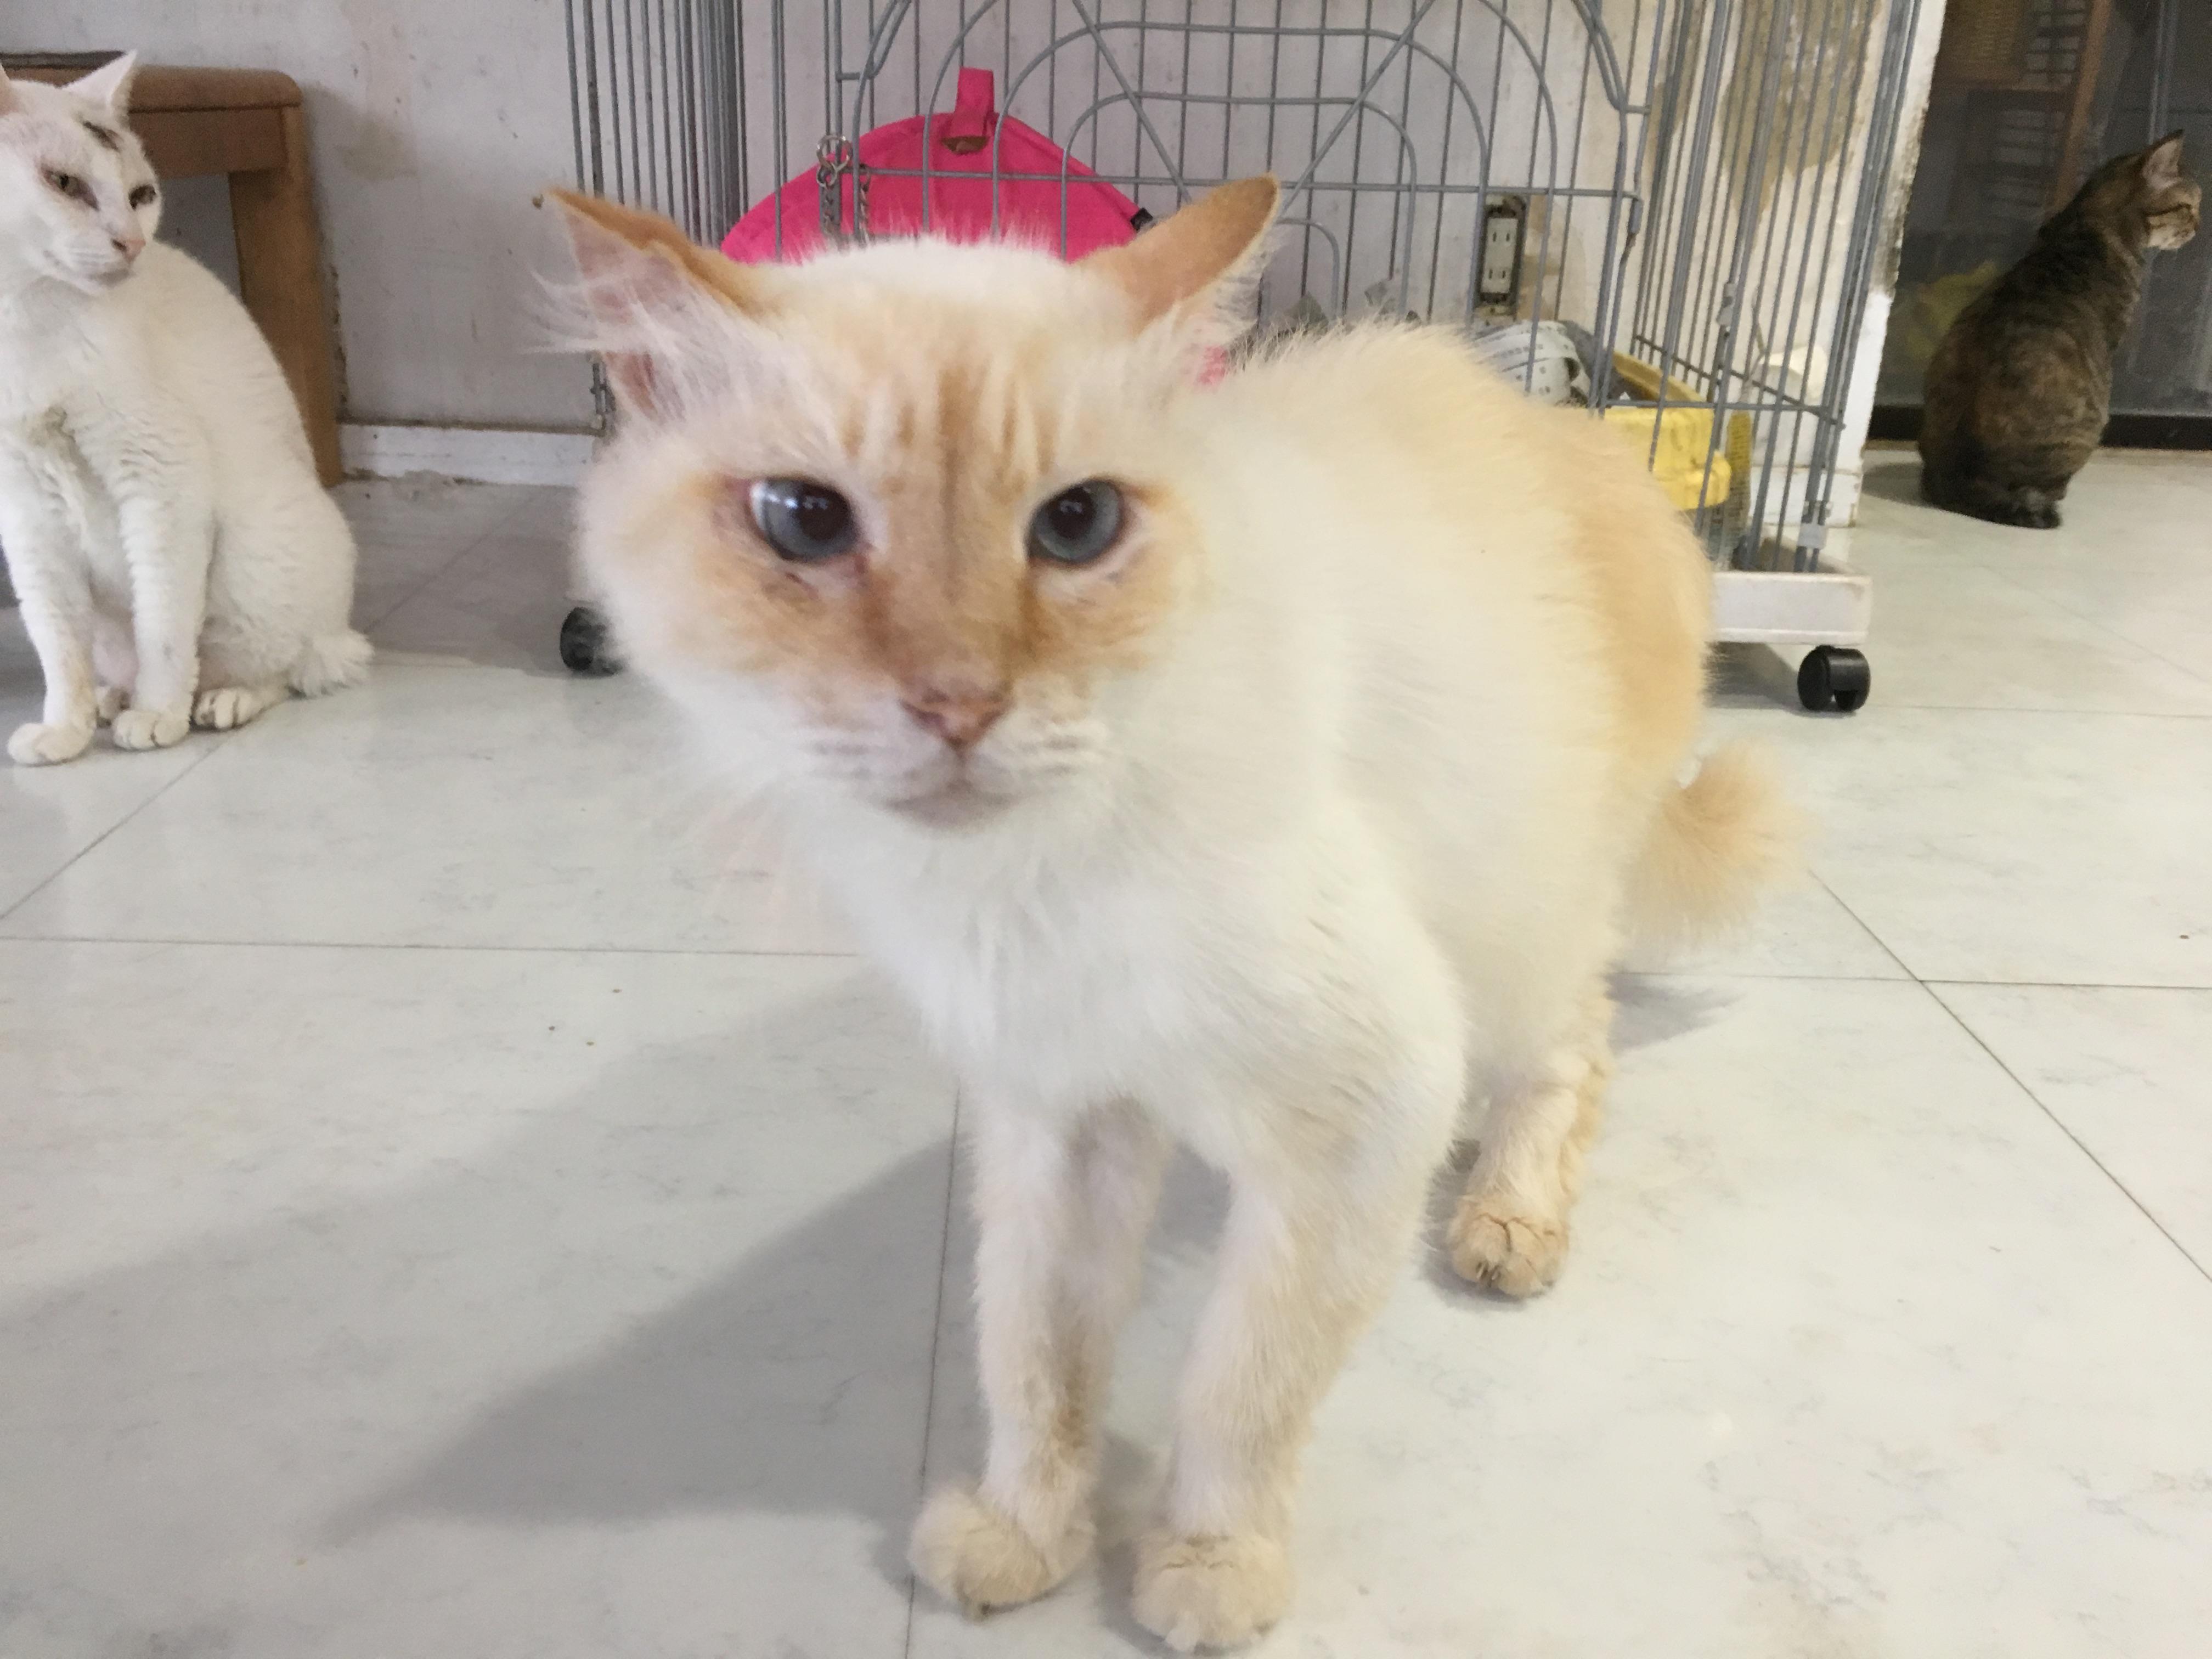 <ul> <li>H1-5</li> <li>猫種:日本猫 クリーム</li> <li>性別:男の子</li> <li>名前:あたろー</li> <li>年齢:11才</li> <li>保護経緯:家族の方の病気療養により飼育困難になりました</li> <li>その他:去勢済み</li> </ul>